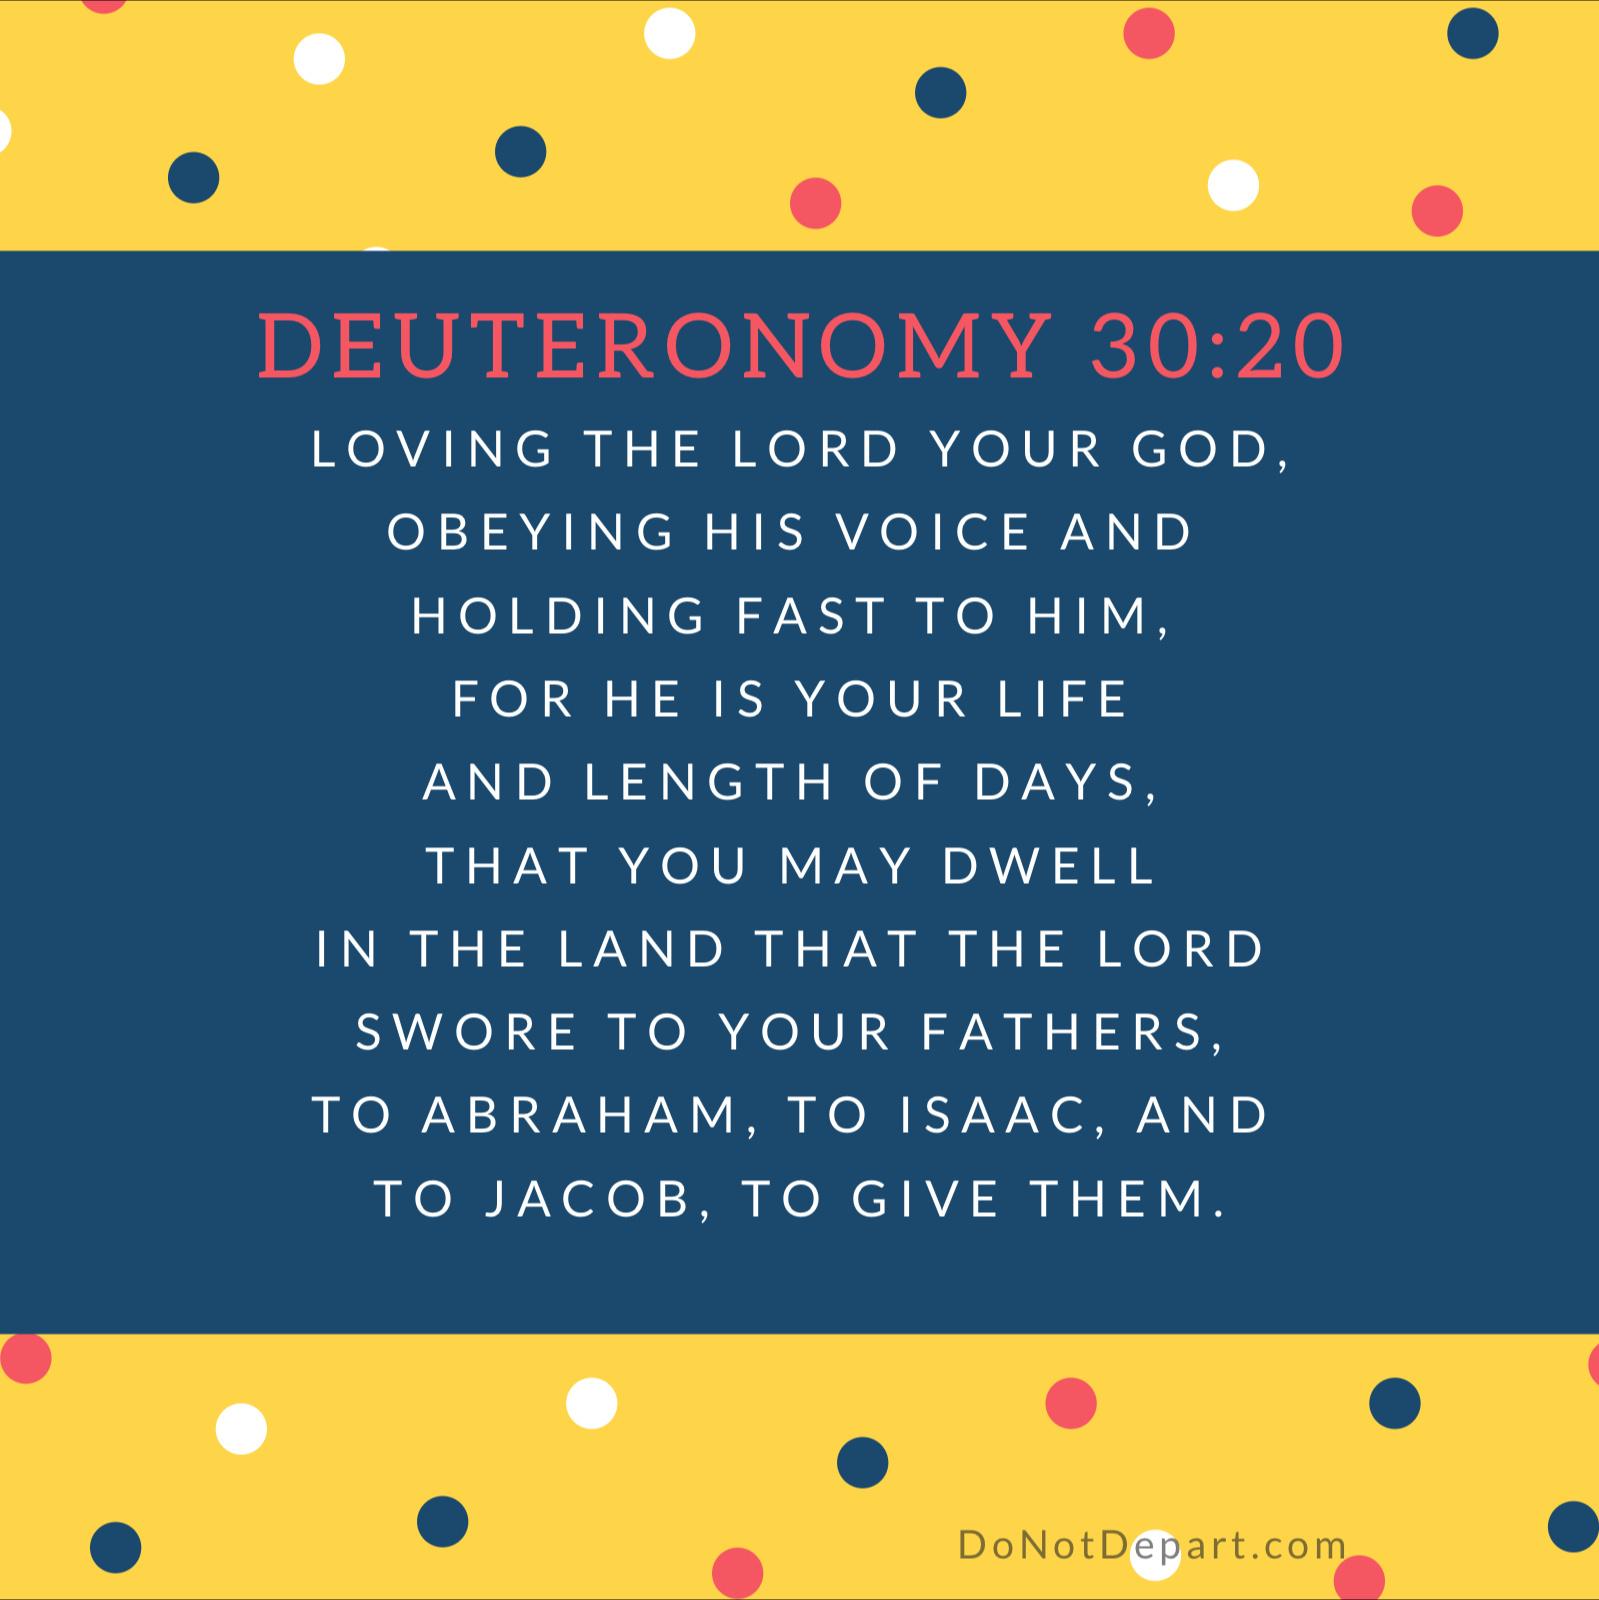 Deuteronomy-30-20